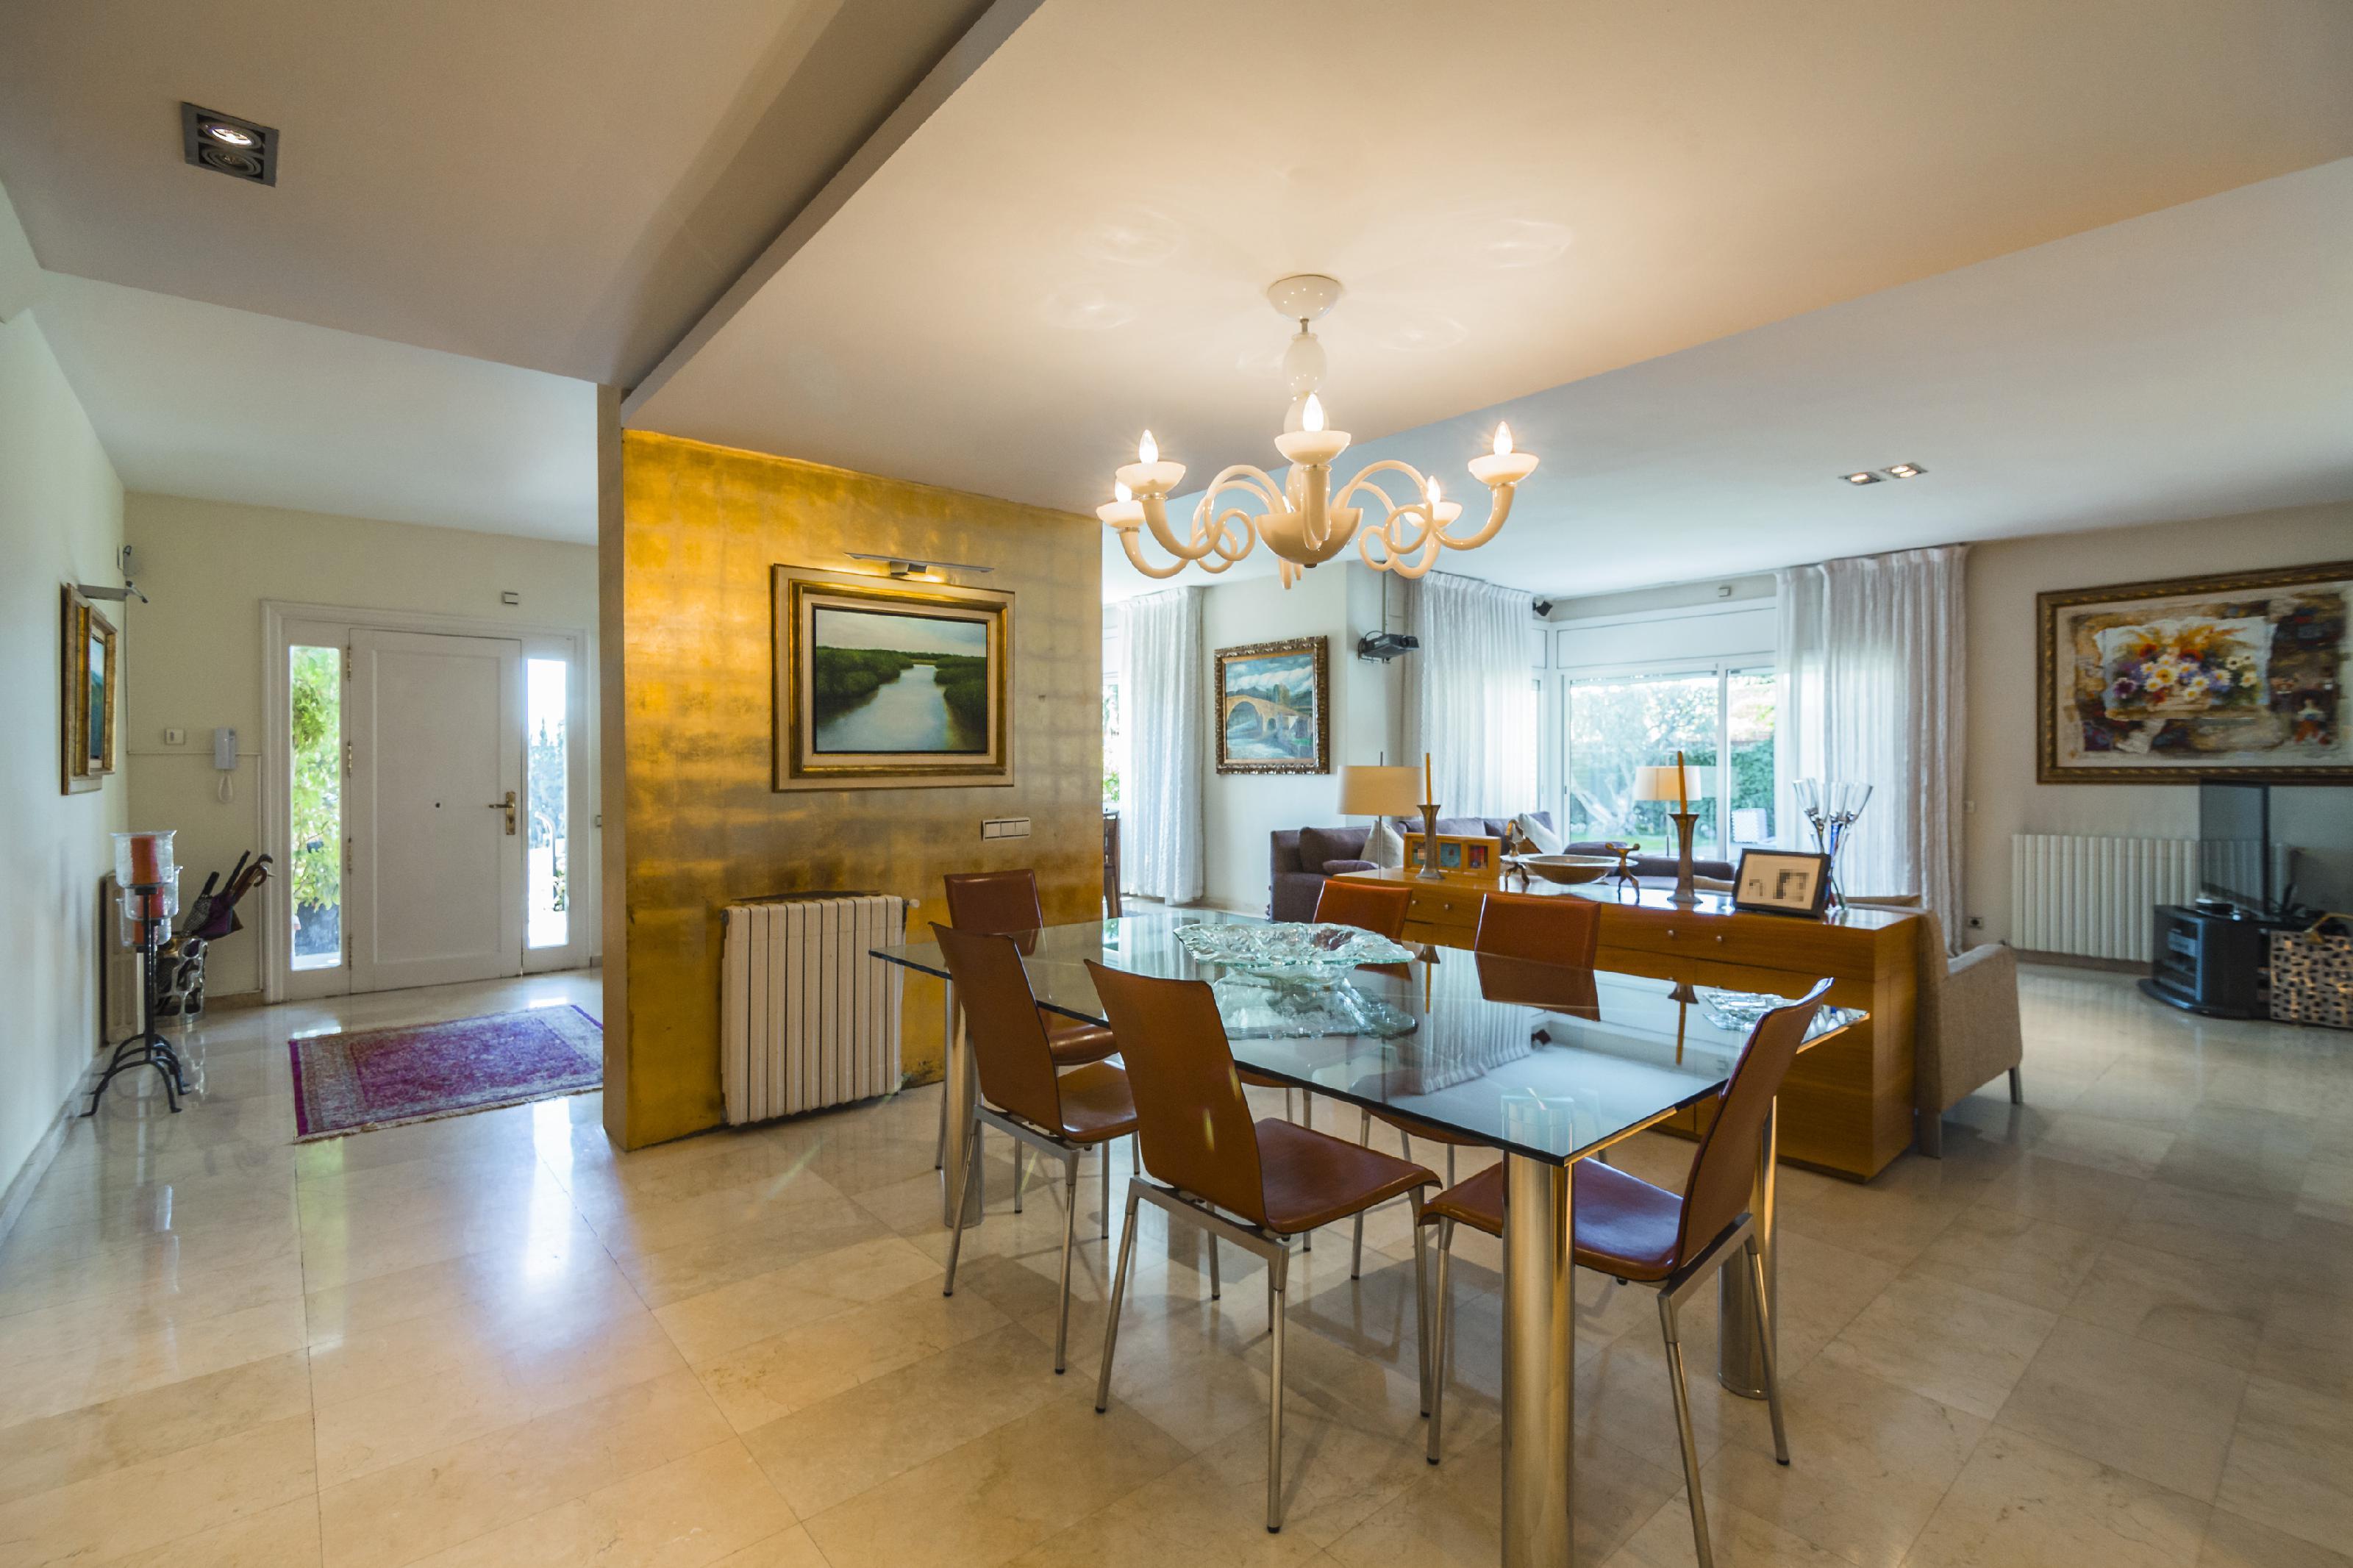 222464 Detached House for sale in Masnou (El) 6